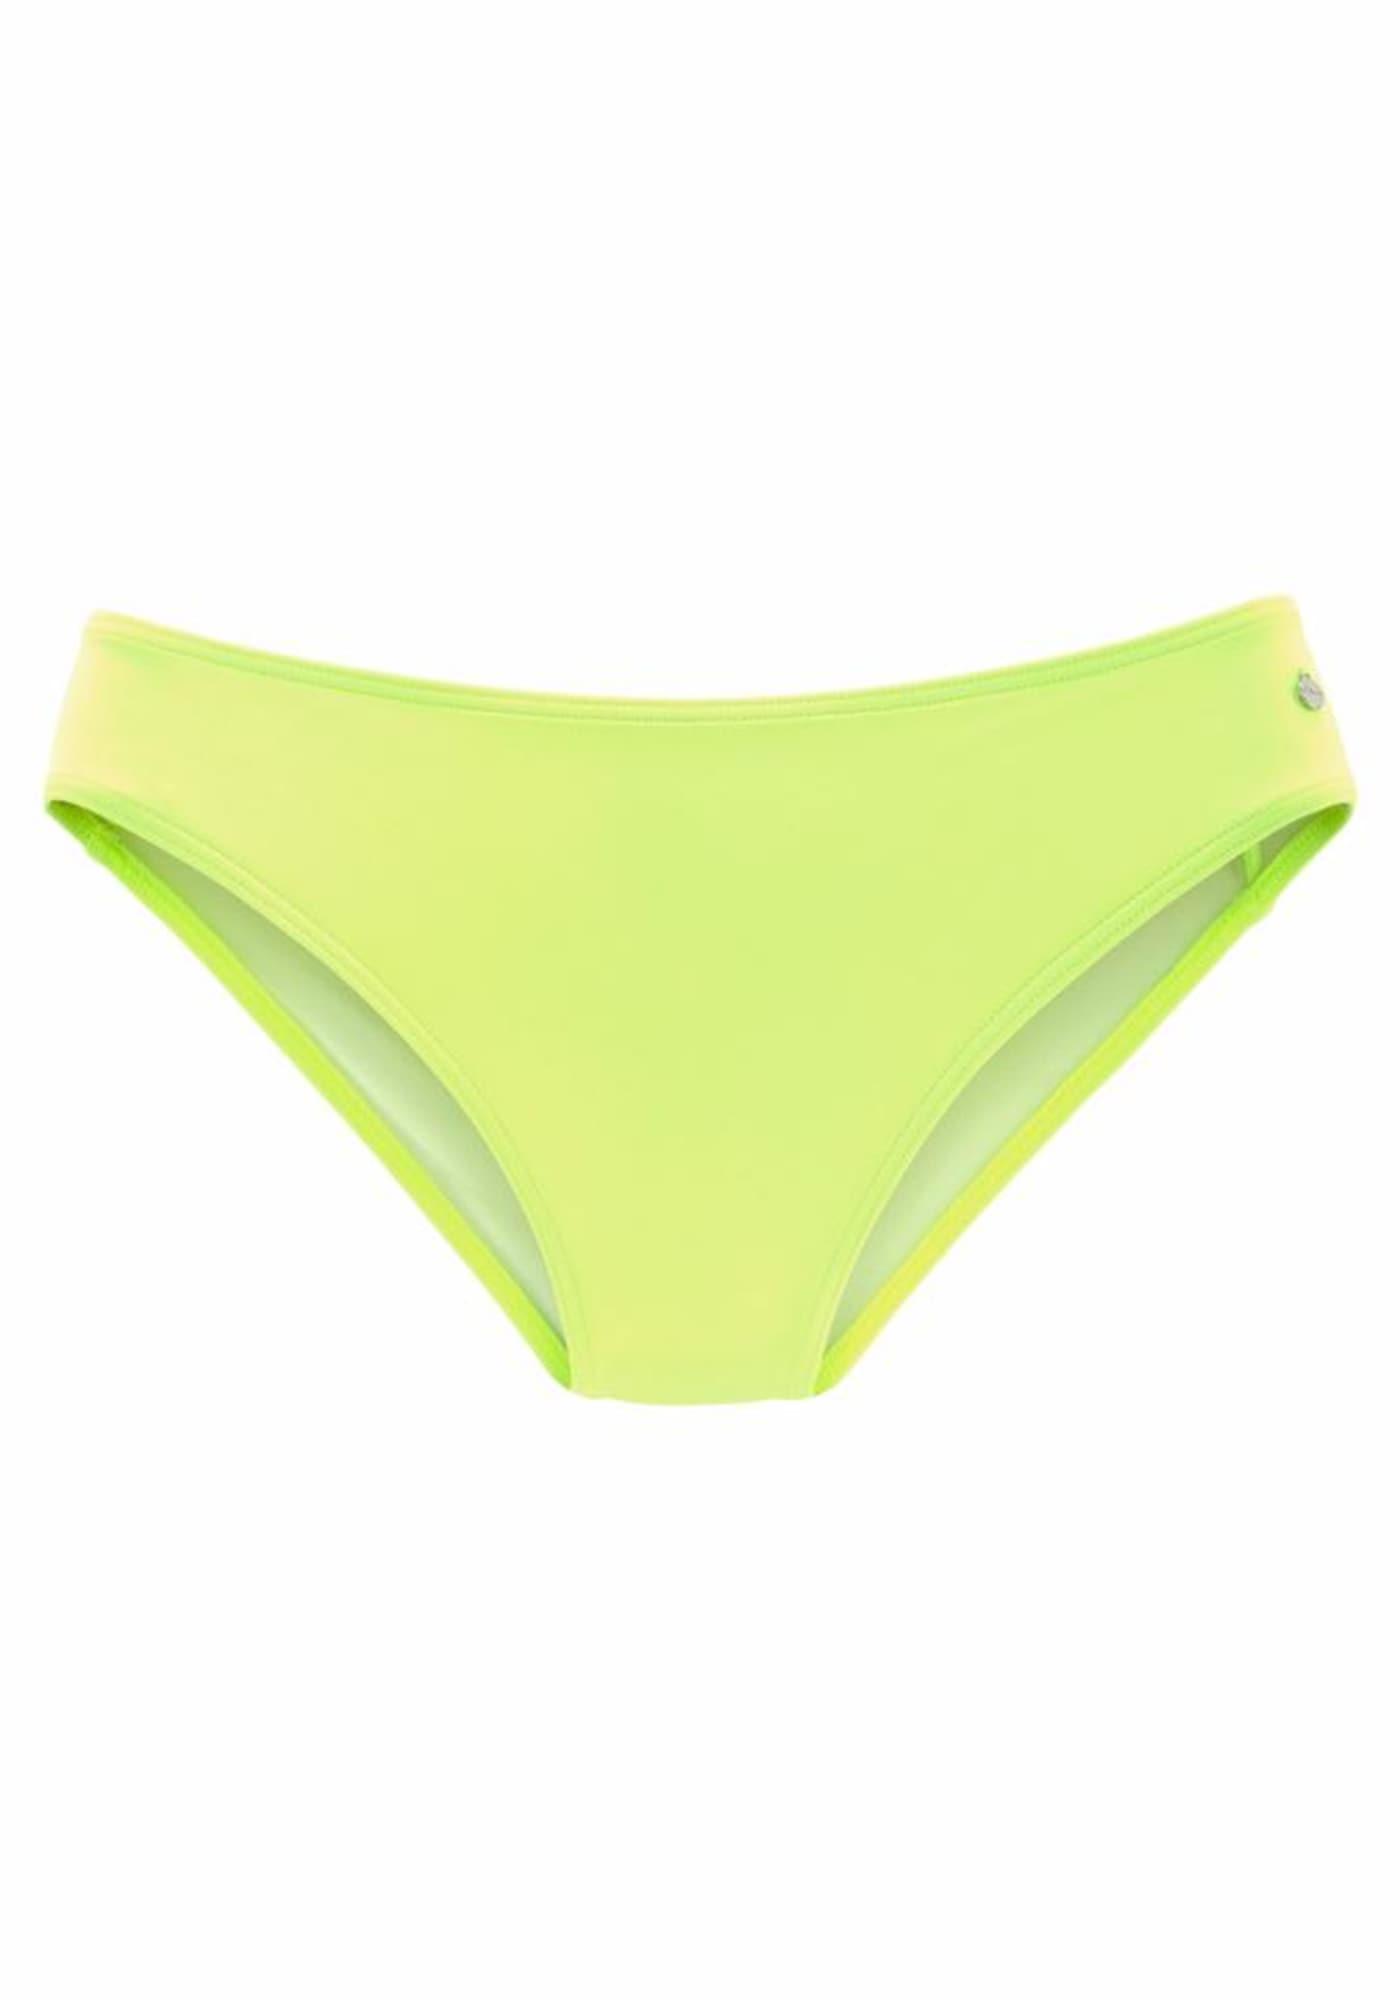 s.Oliver Bikinio kelnaitės neoninė geltona / žaliosios citrinos spalva